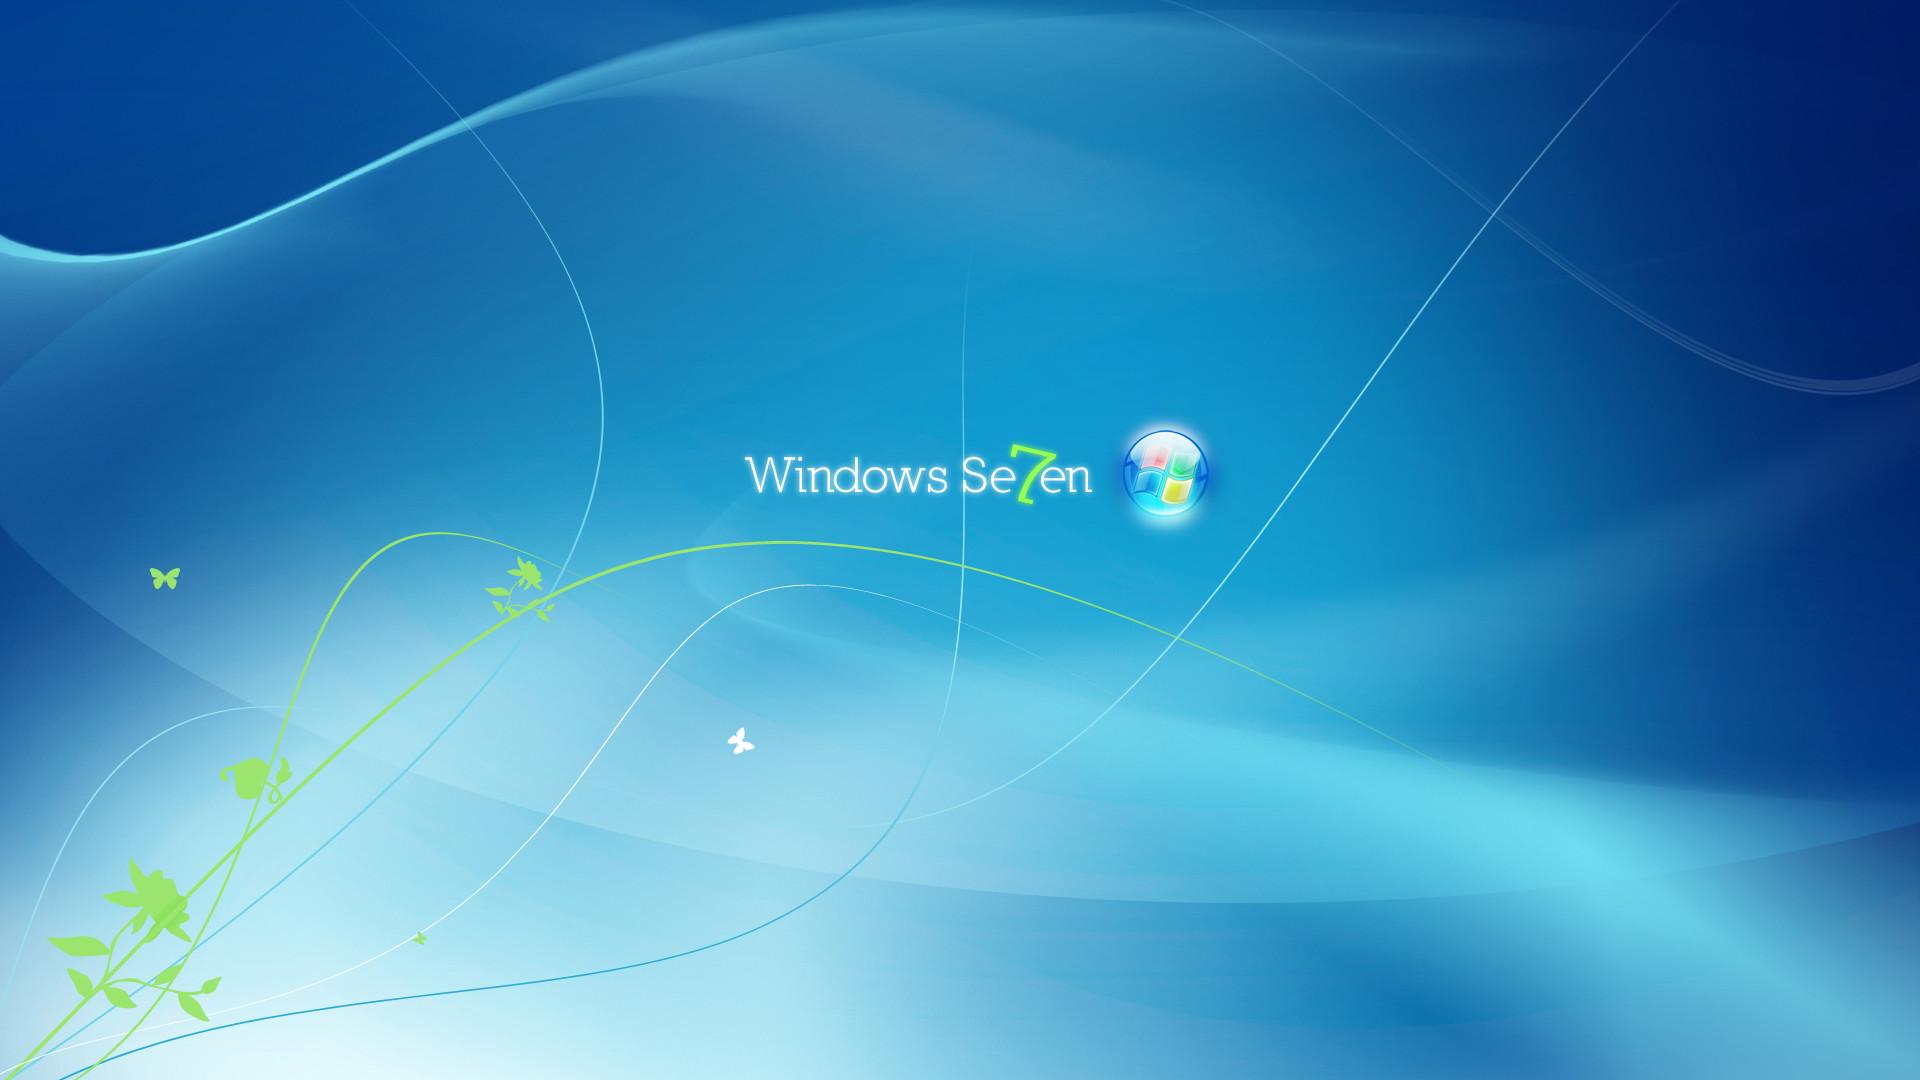 Обои календарь для рабочего стола windows 7